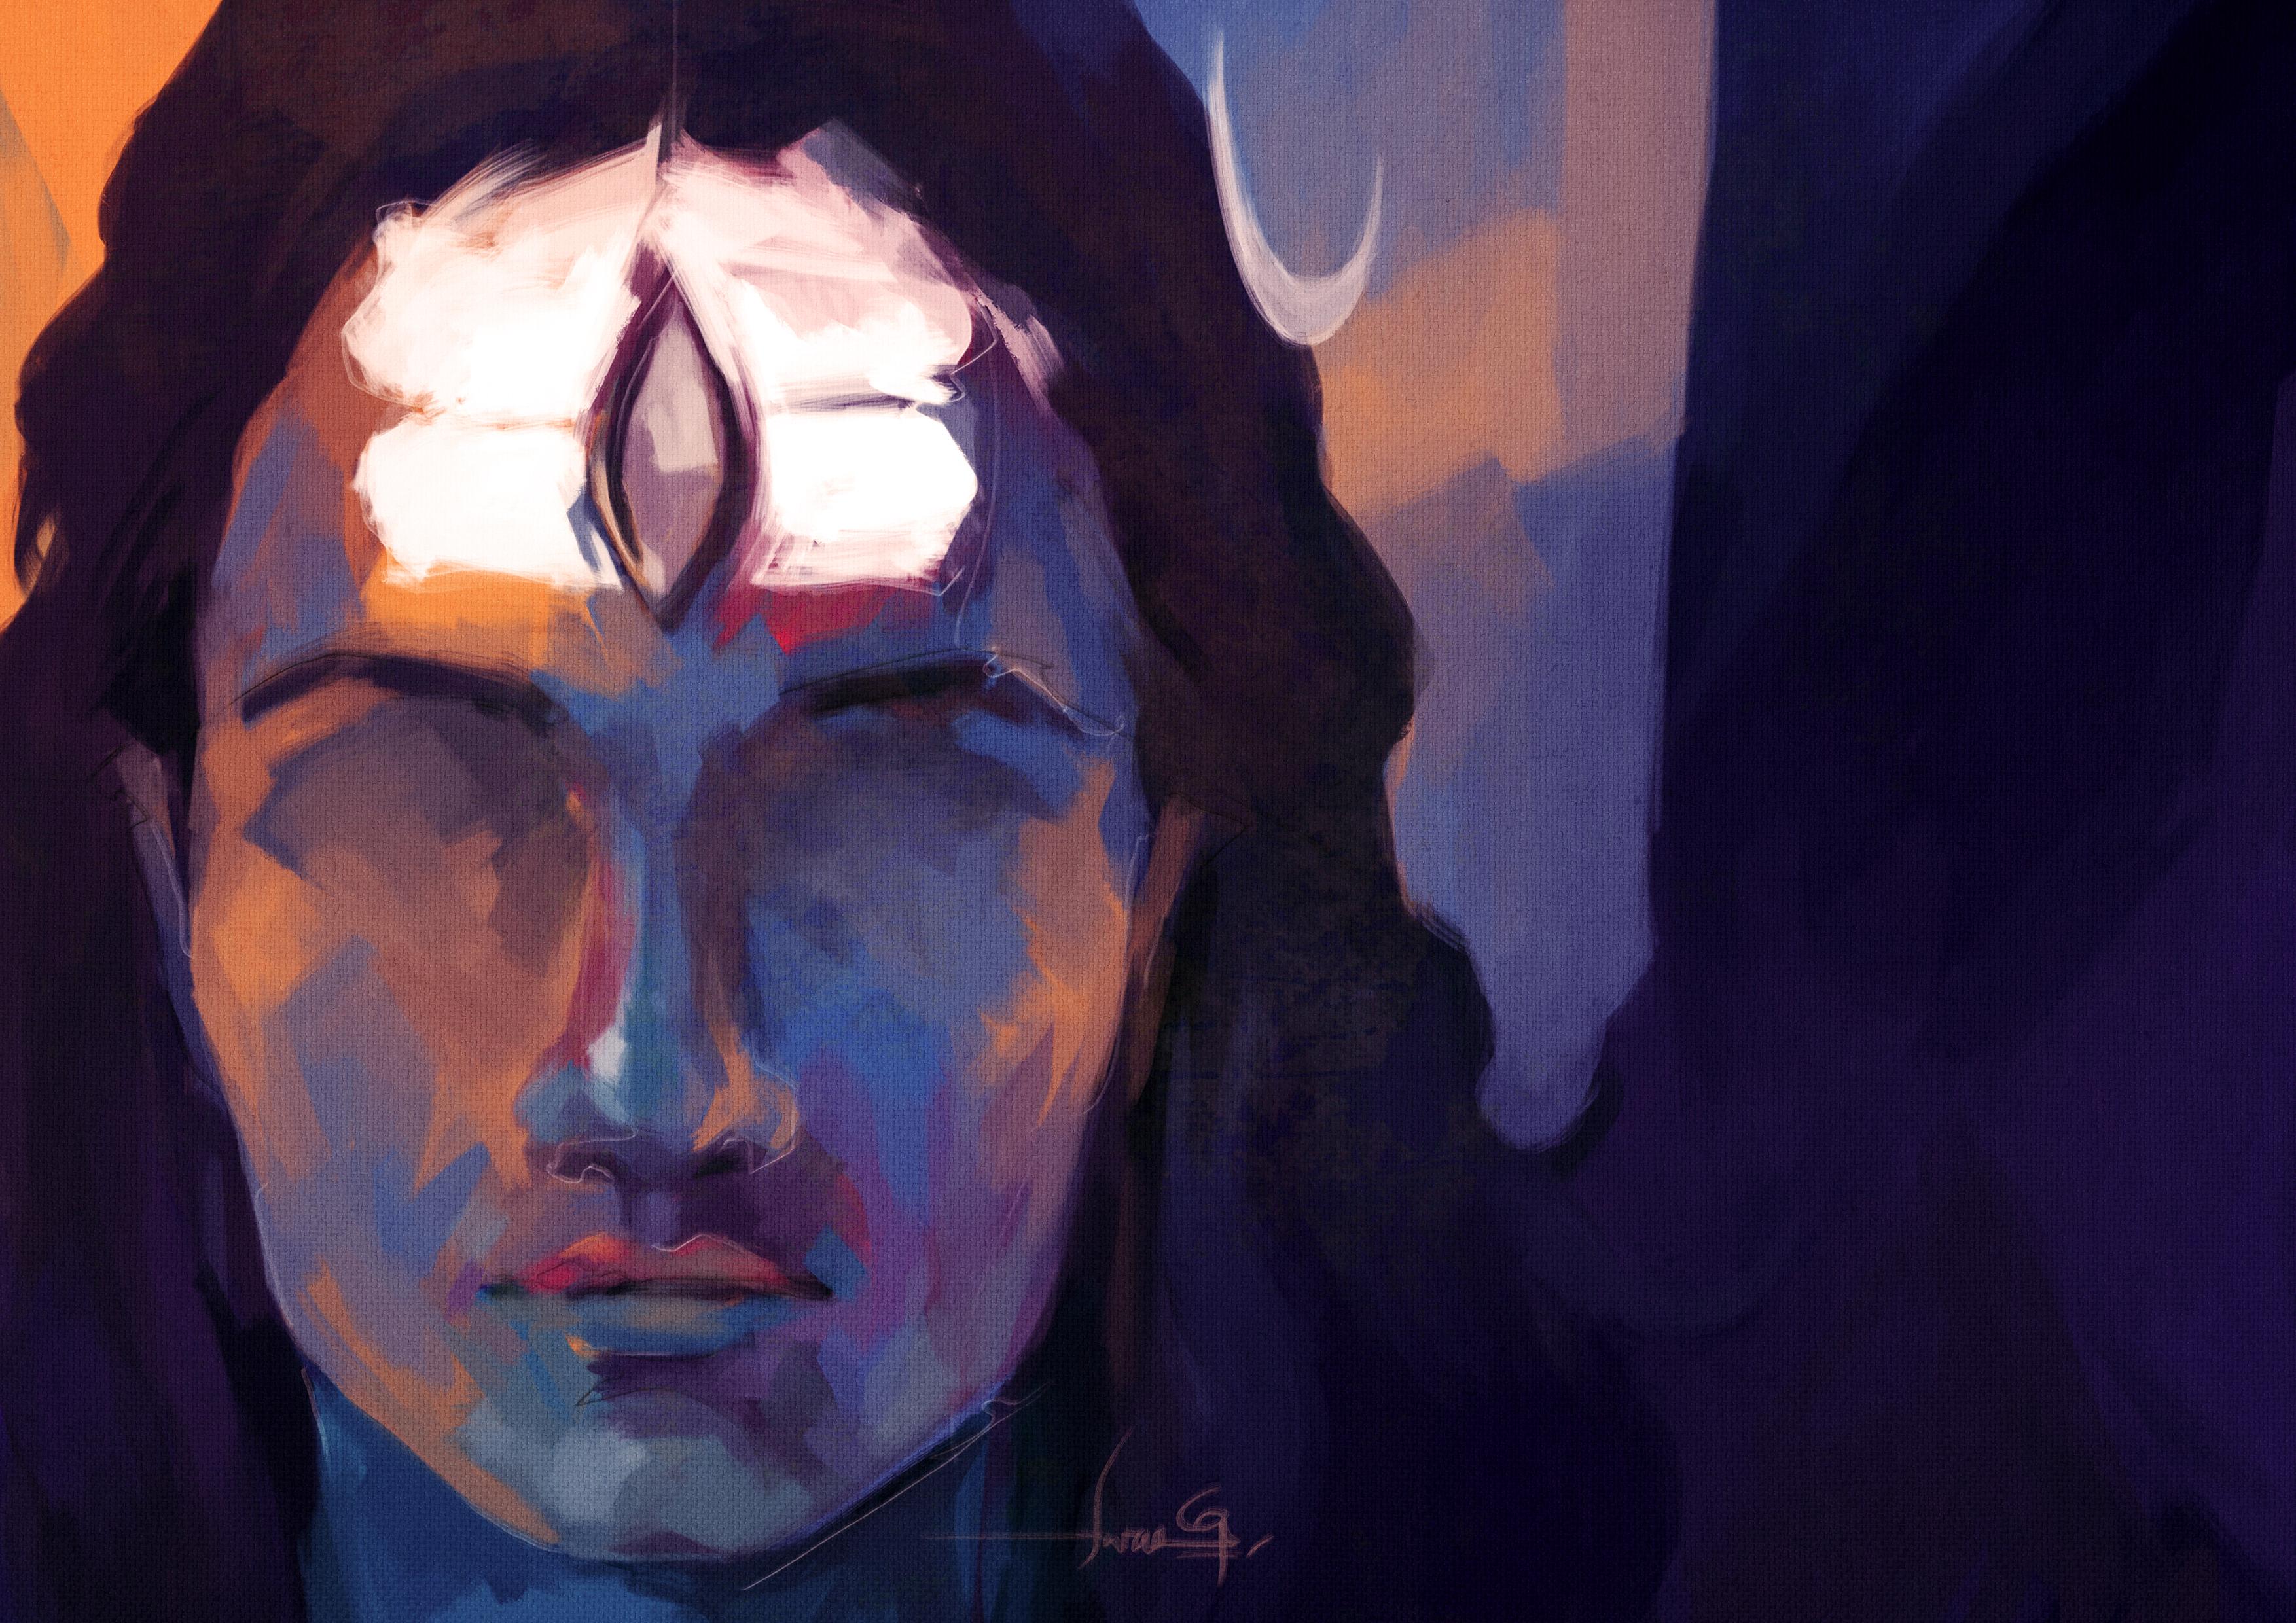 SHIVA by swarooproy